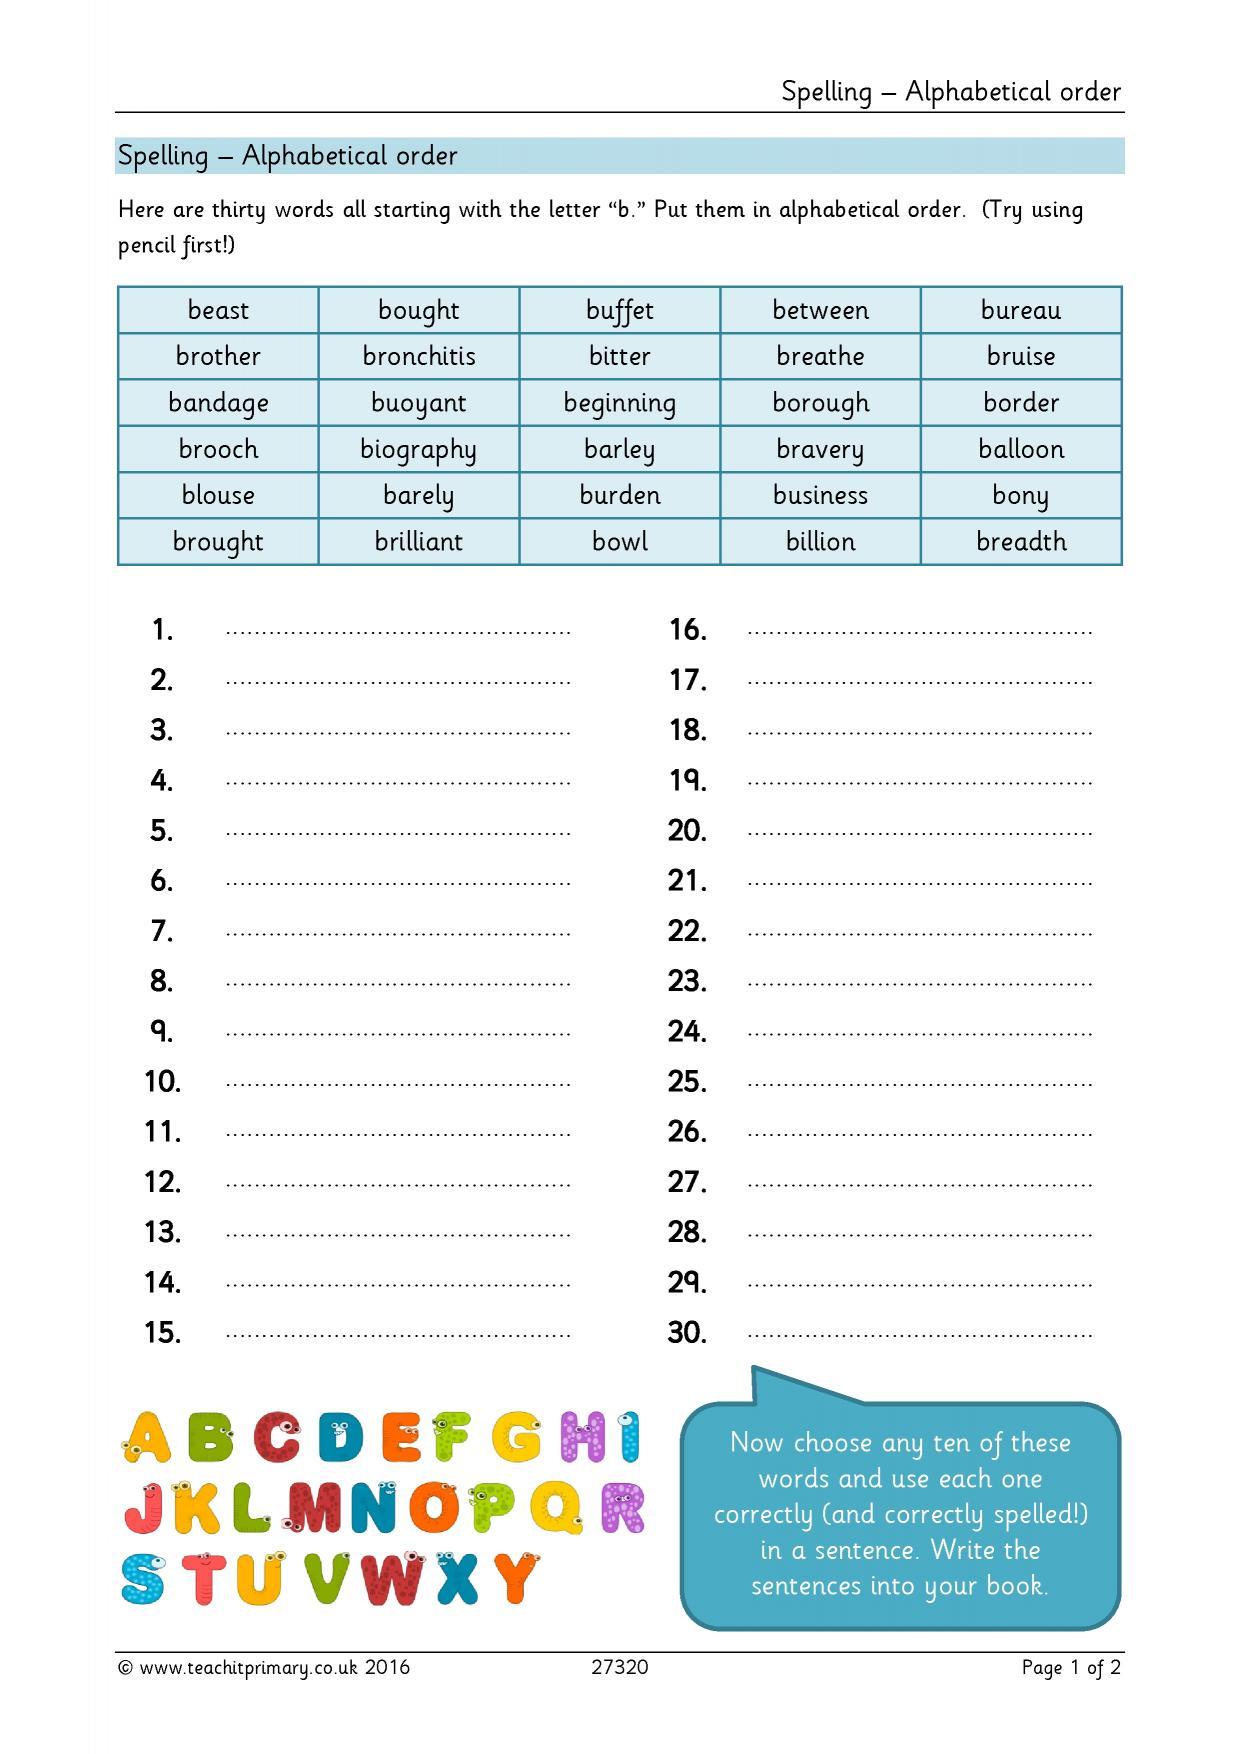 Spelling - alphabetical order